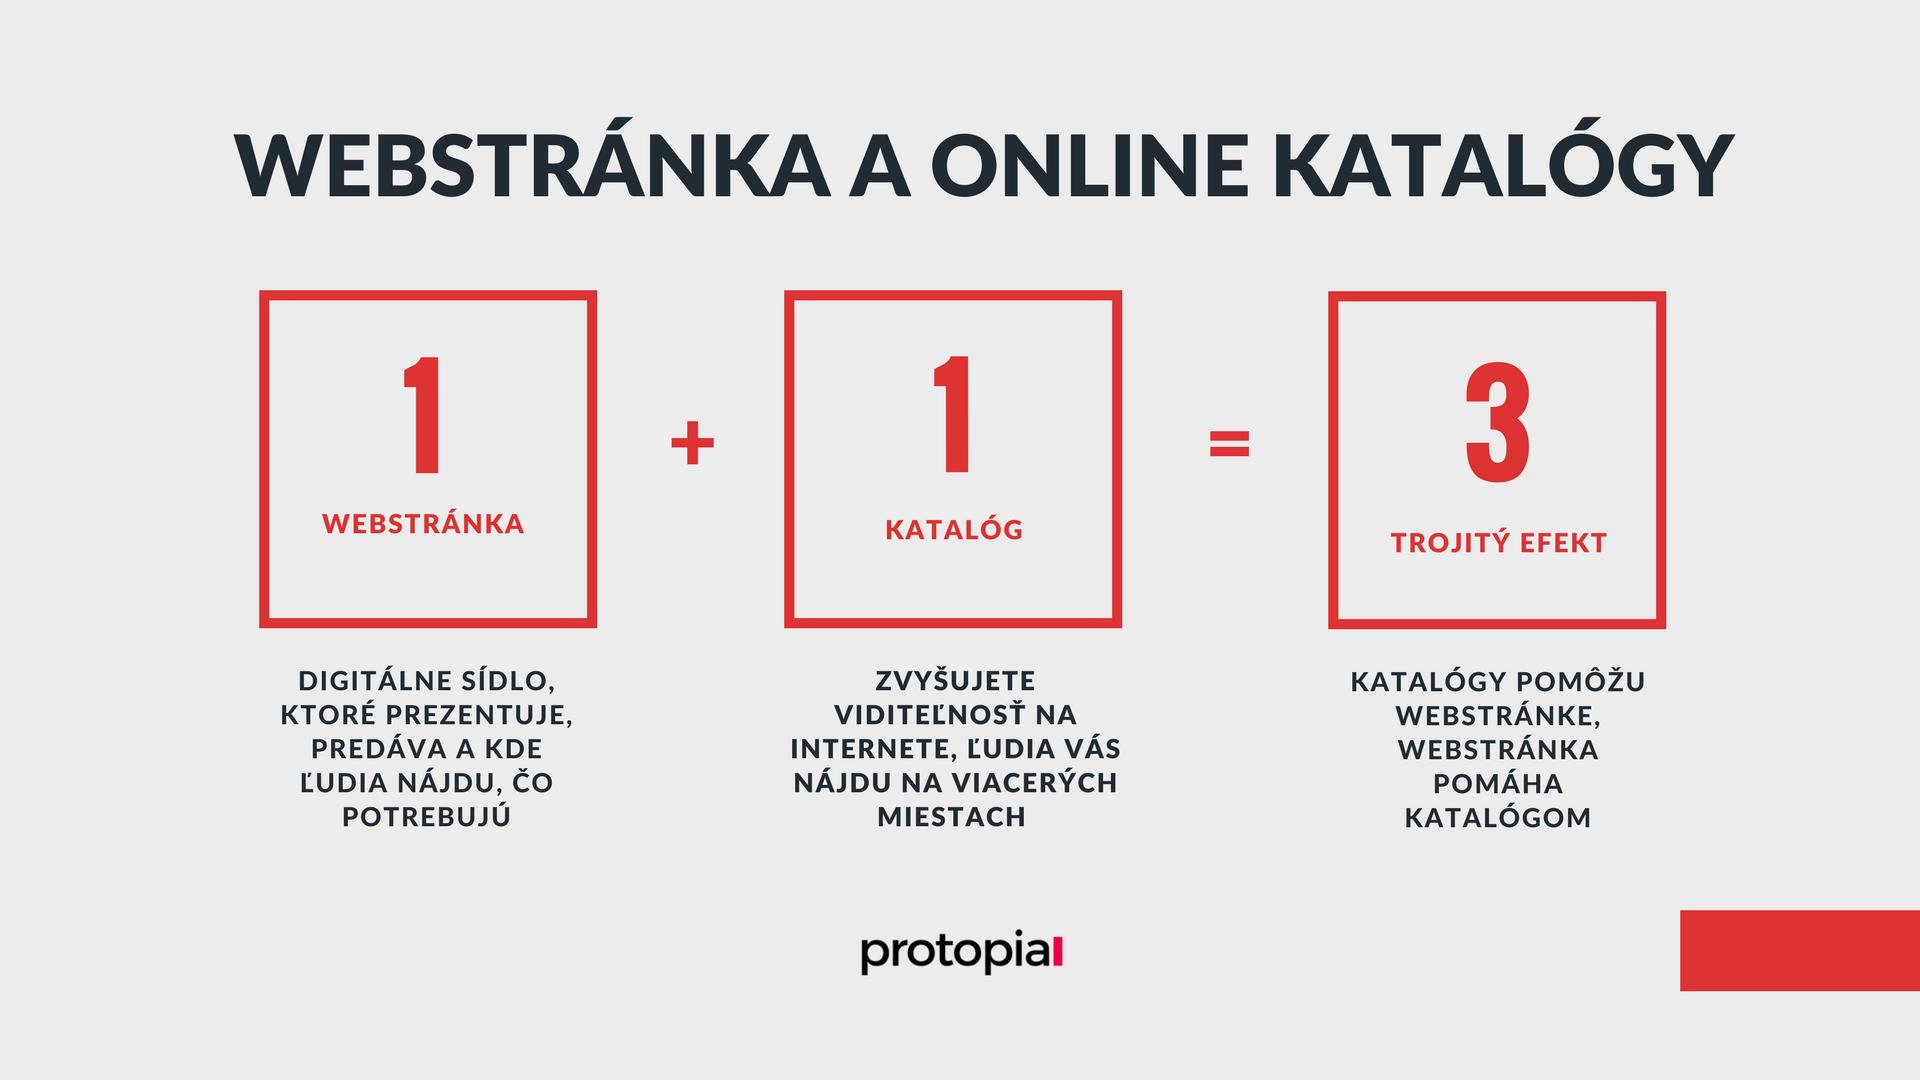 Protopia.sk - Som na Facebooku. Načo mi je webstránka? Online katalógy